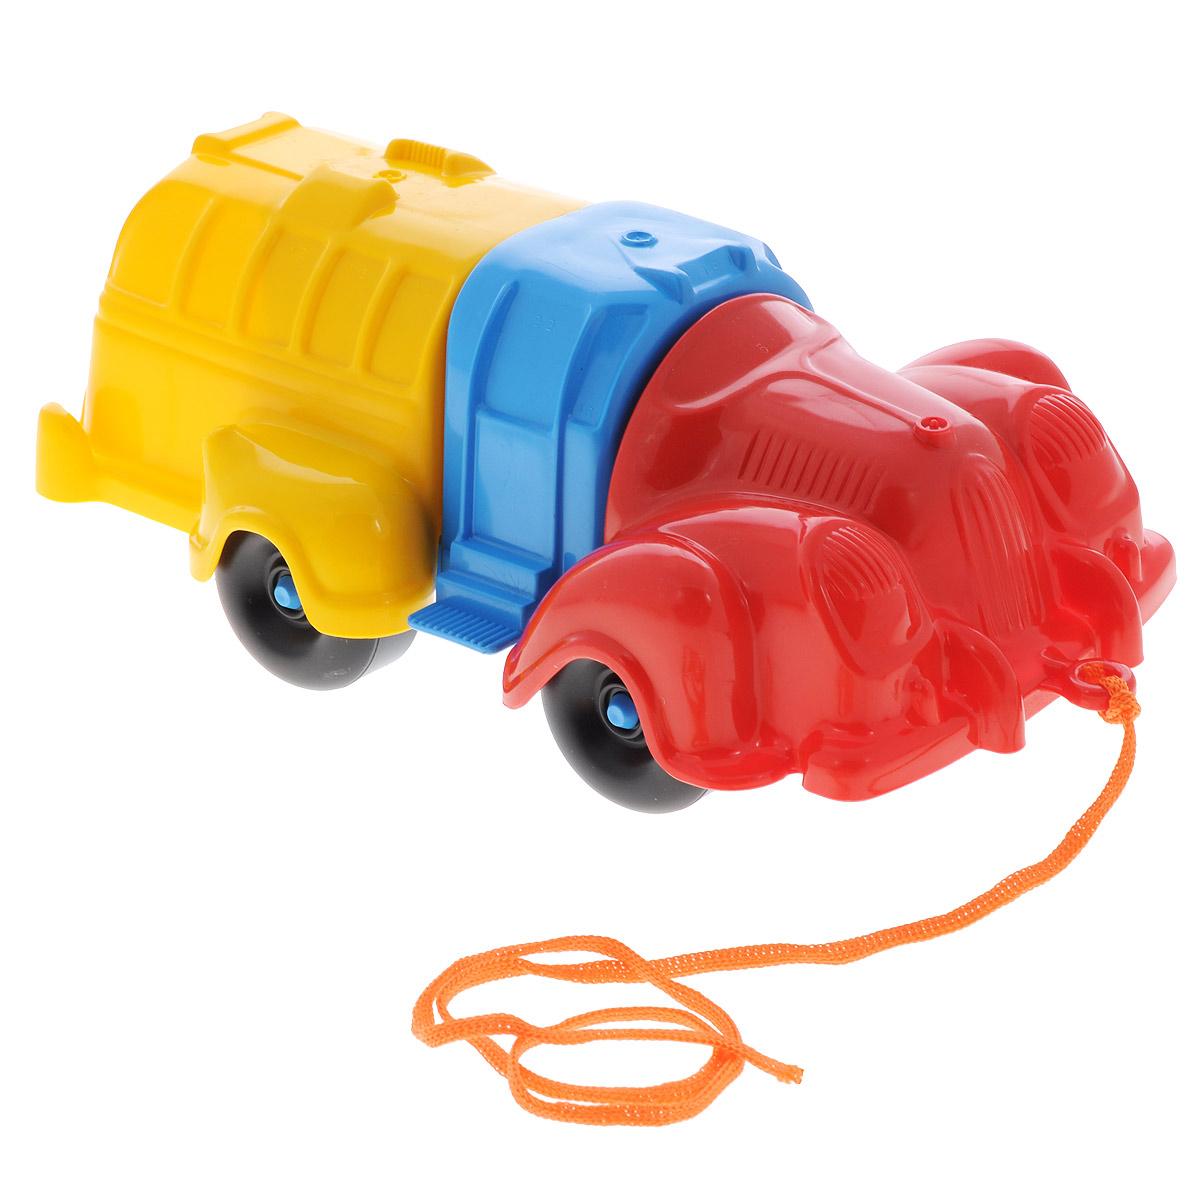 Bauer Игрушка-конструктор Автобус281Игрушка-конструктор Bauer Автобус обязательно привлечет внимание вашего малыша. Игрушка состоит из нескольких крупных деталей разного цвета, из которых можно собрать автобус. Также в комплект входит верёвочка, которую можно привязать к каталке, чтобы ребёнок мог катить её за собой. Игрушка сделана из высококачественного пластика с использованием пищевых красителей. С такой игрушкой ваш ребенок весело проведет время, играя на детской площадке или в песочнице. А процесс сборки игрушки-конструктора поможет малышу развить мелкую моторику пальчиков, внимательность и усидчивость. Порадуйте своего малыша такой чудесной игрушкой!